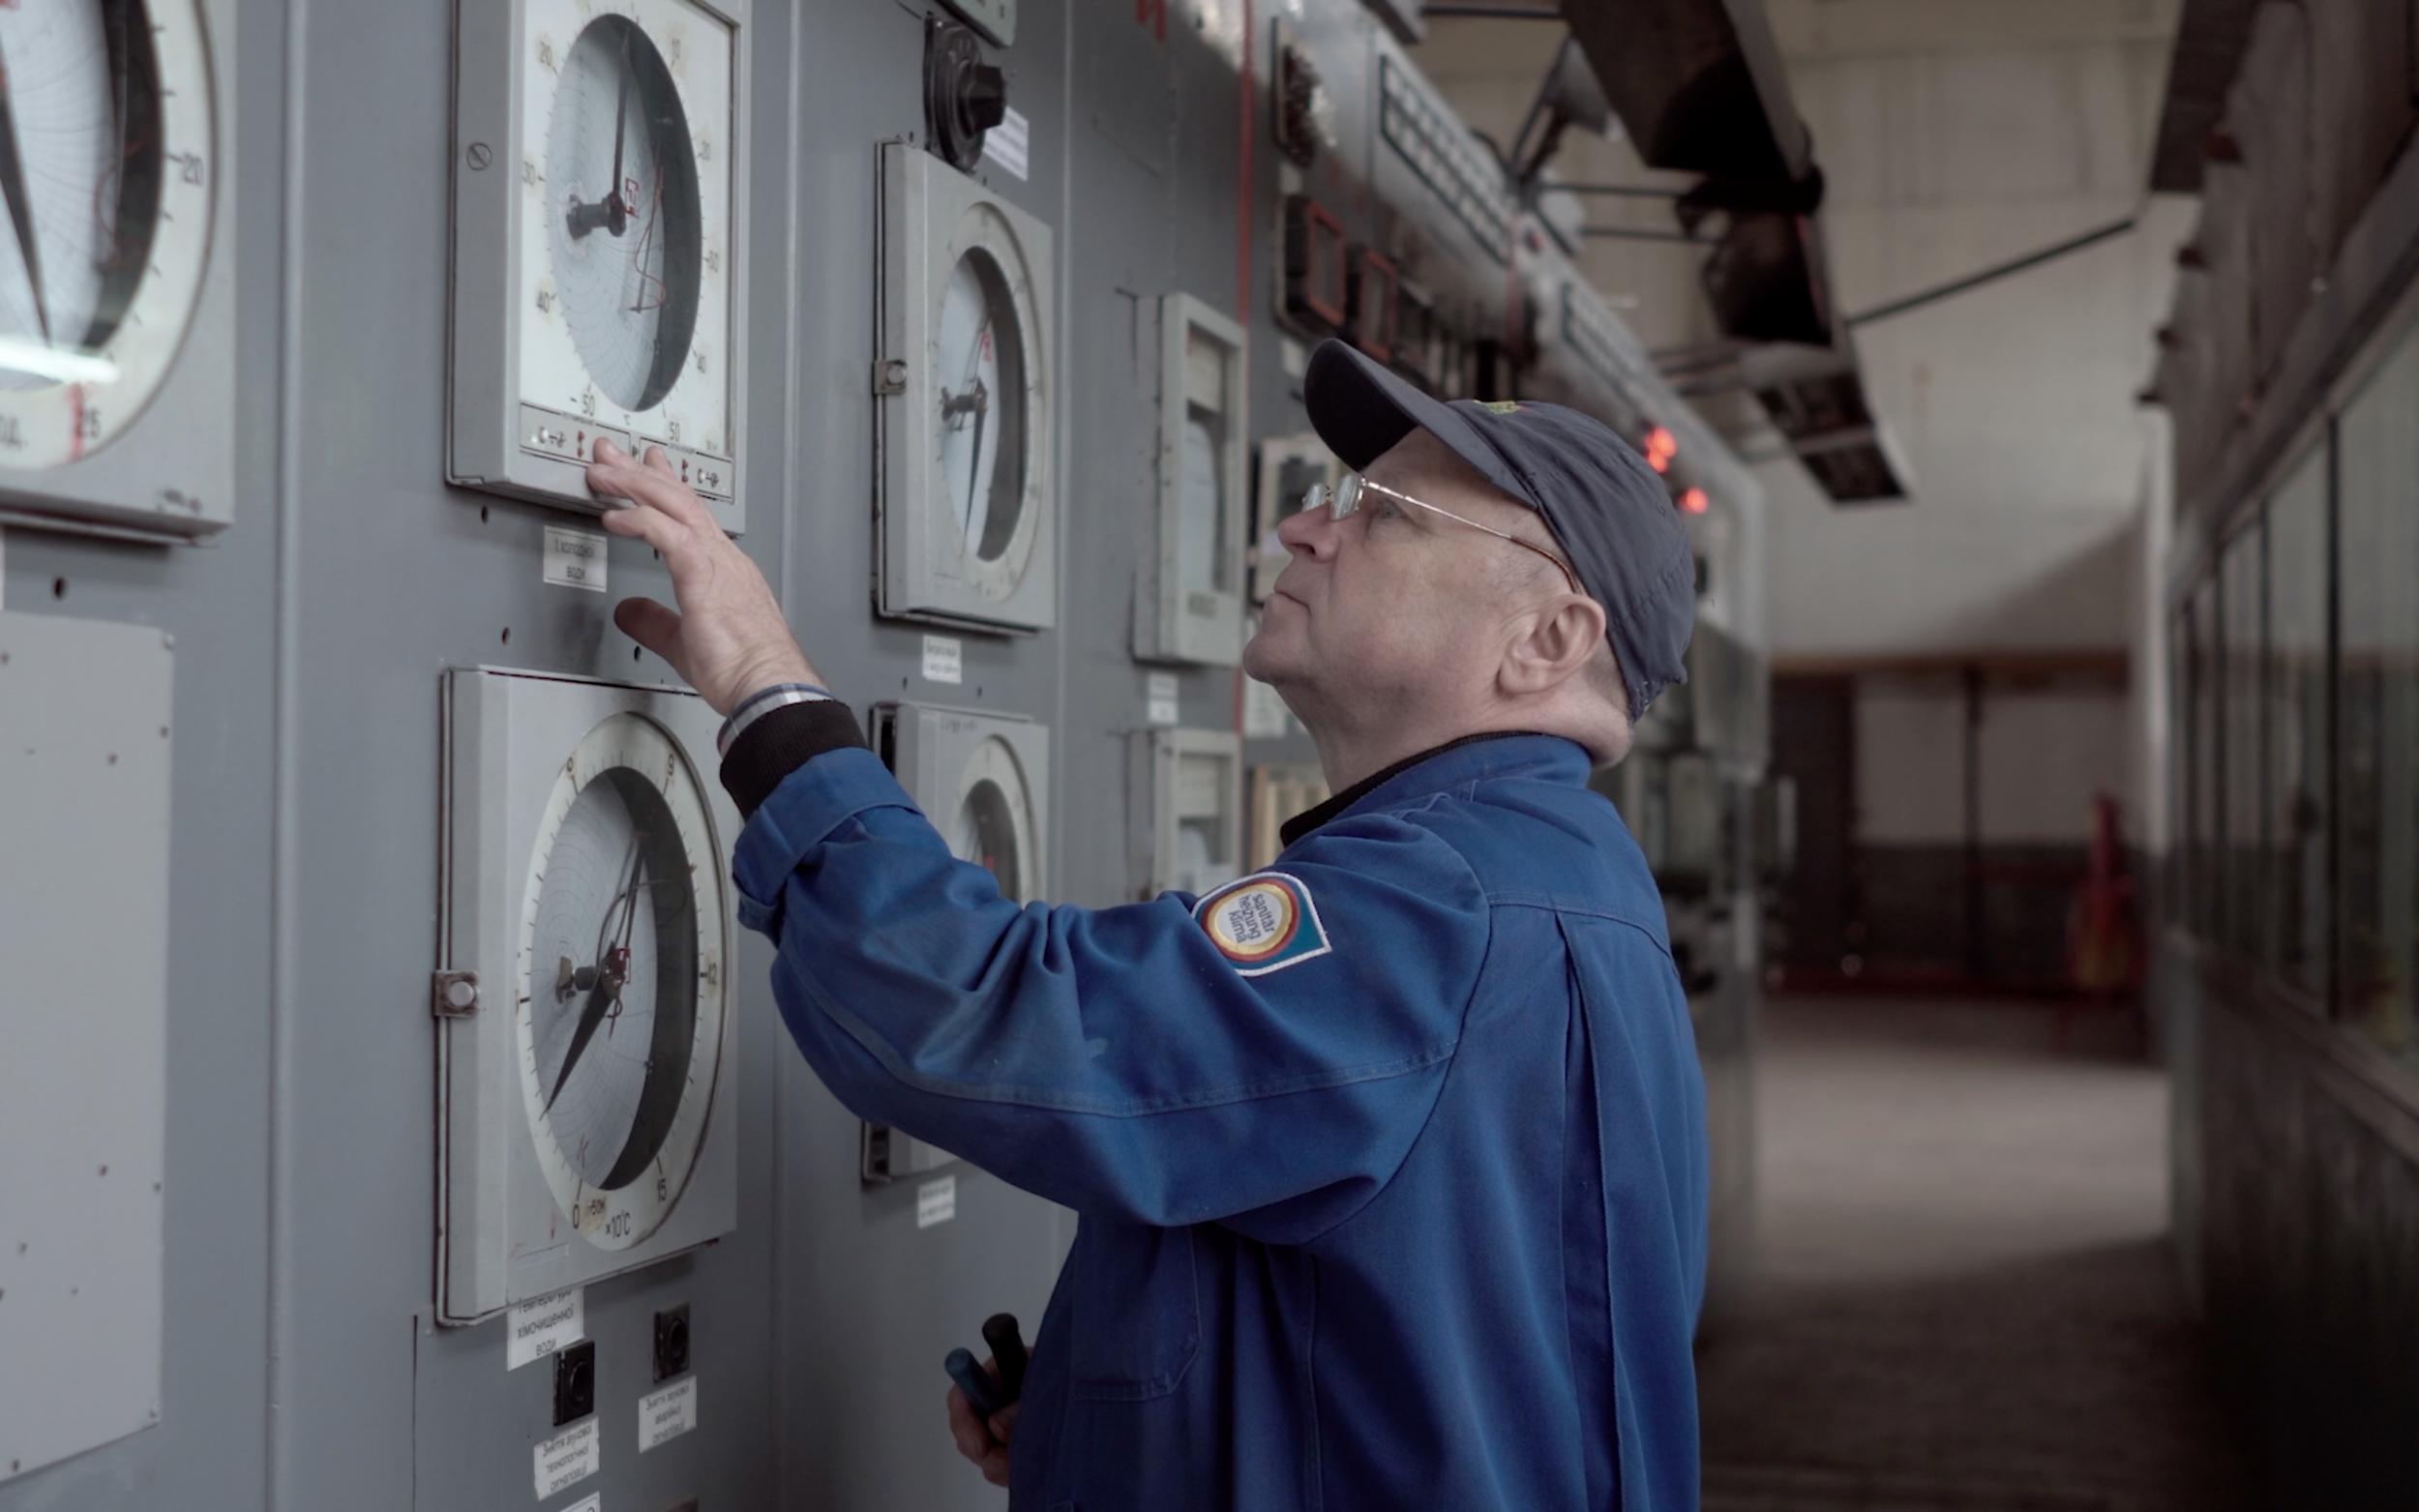 Майже «Чорнобиль»: чим «Співає Івано-Франківськтеплокомуненерго» схожий на серіал від НВО